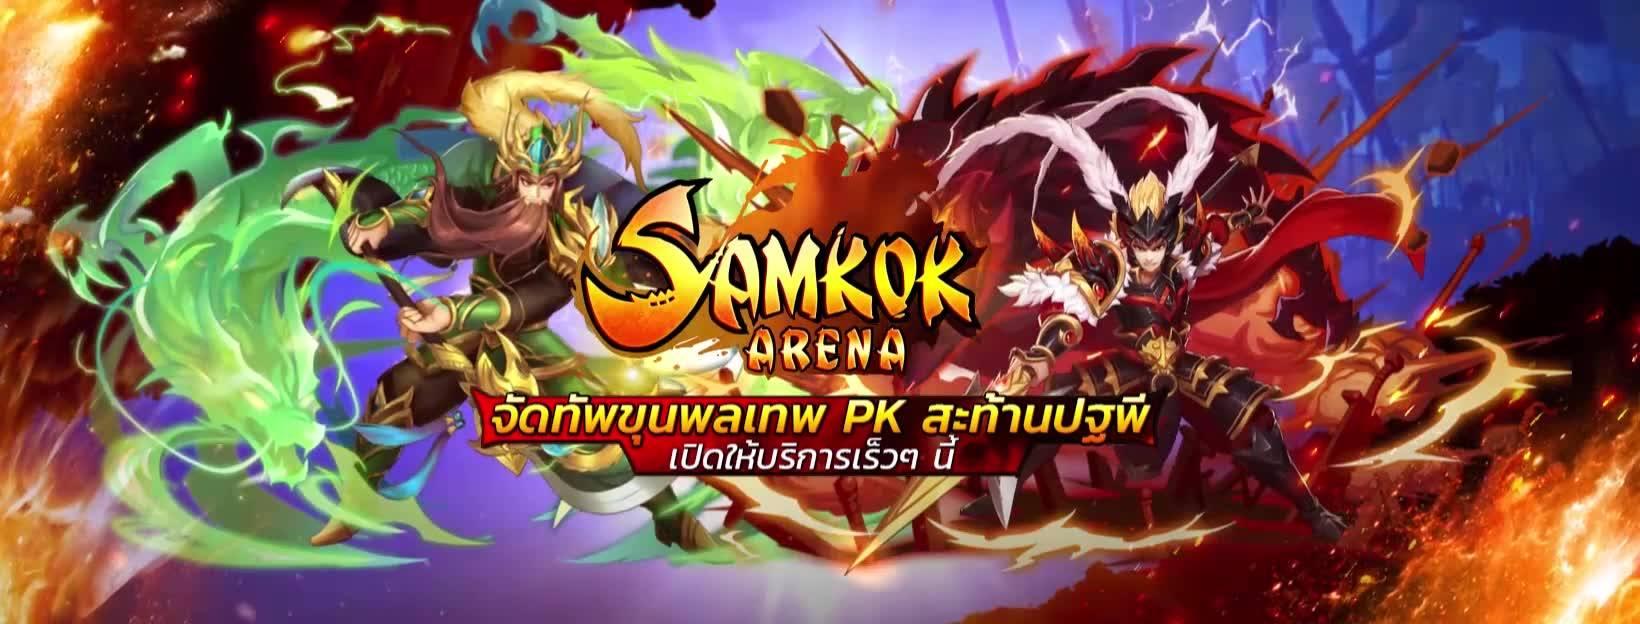 Samkok Arena 432020 2